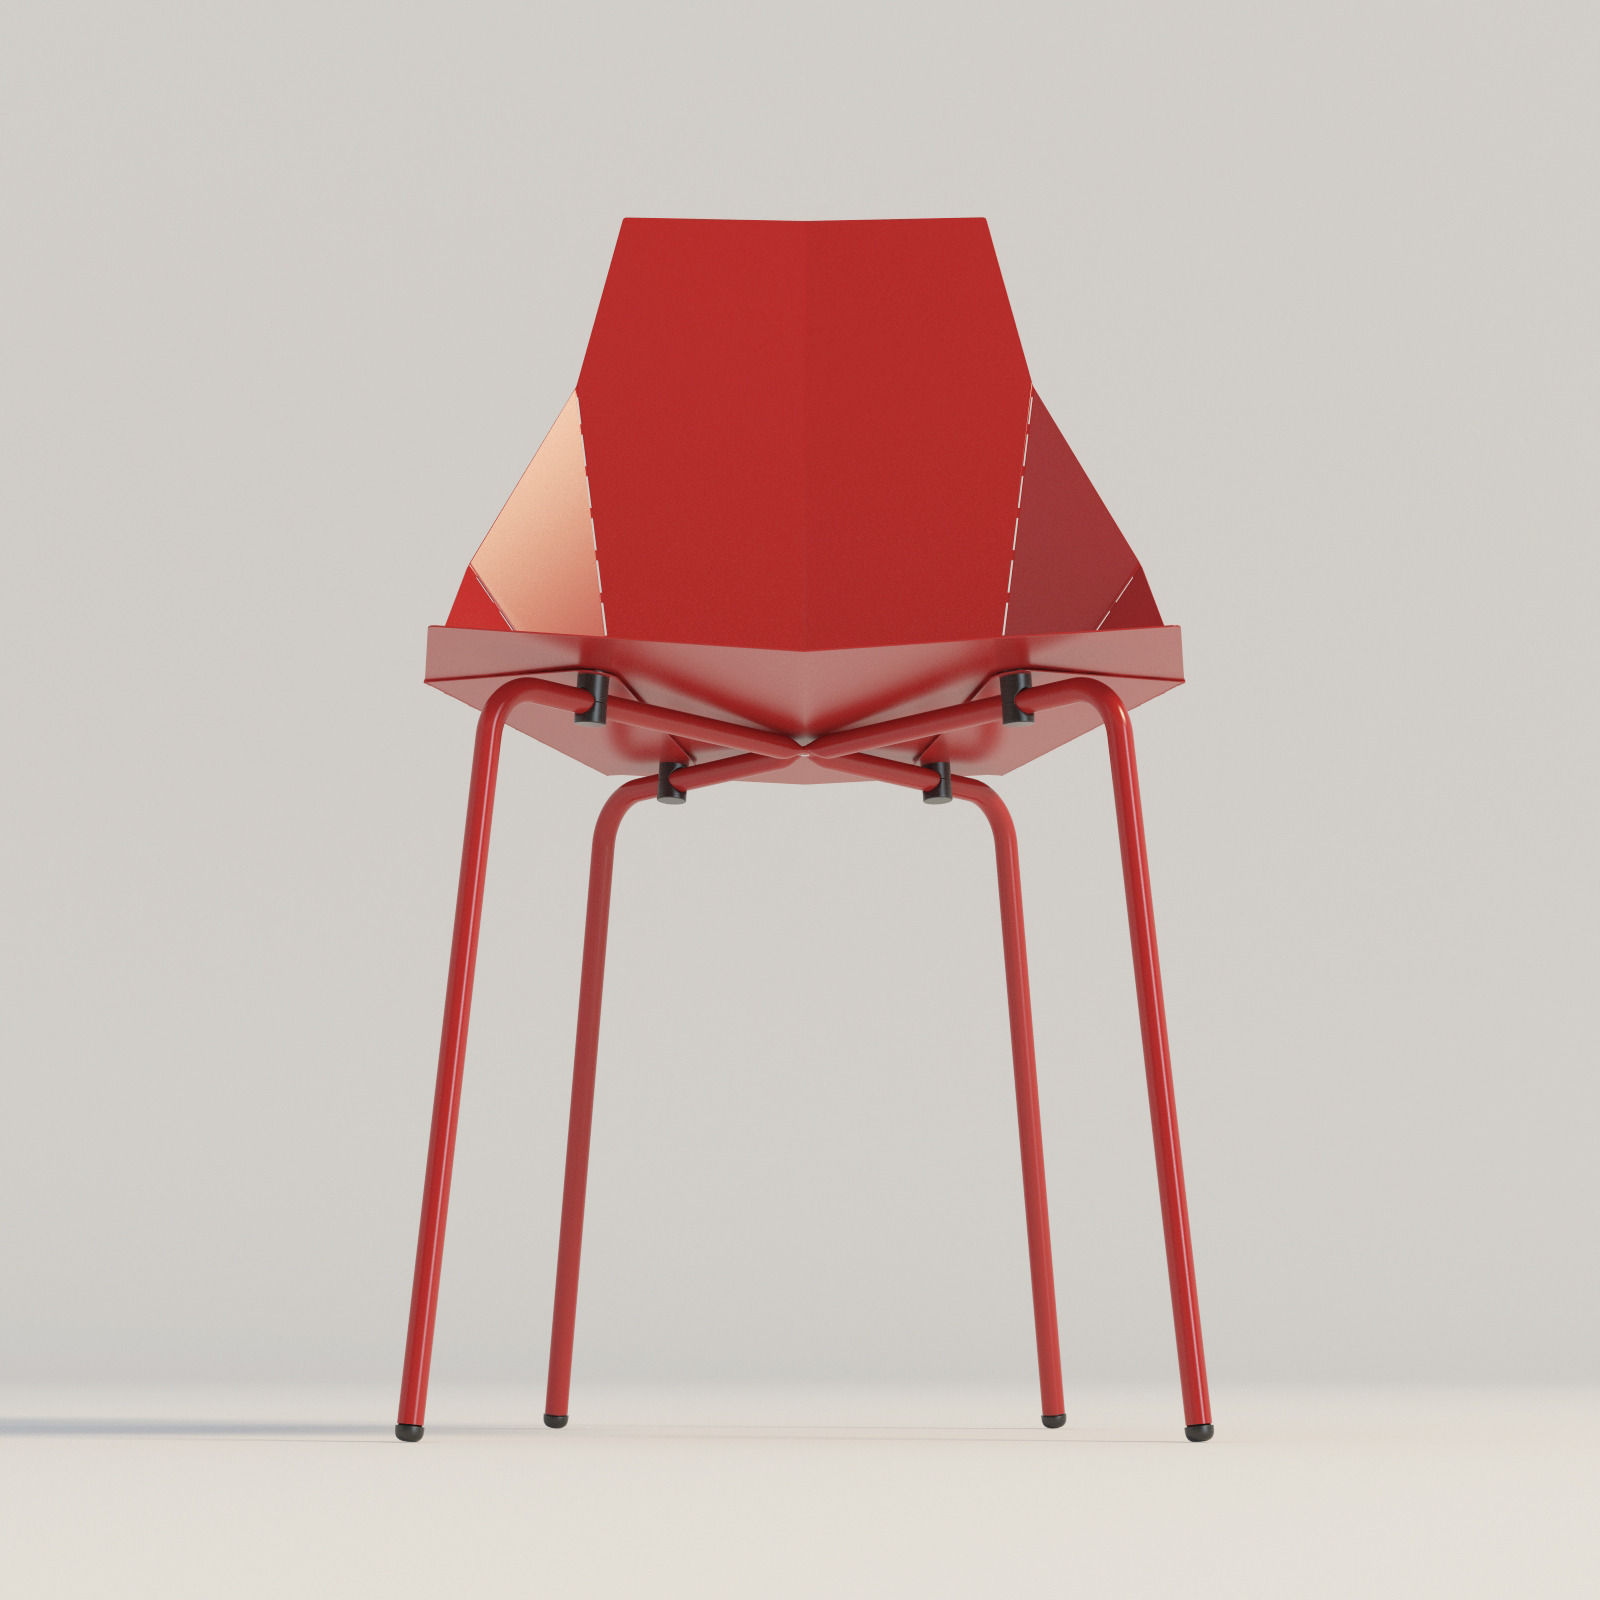 real good chair light blue banquet covers blu dot 3d model max obj 3ds fbx mtl